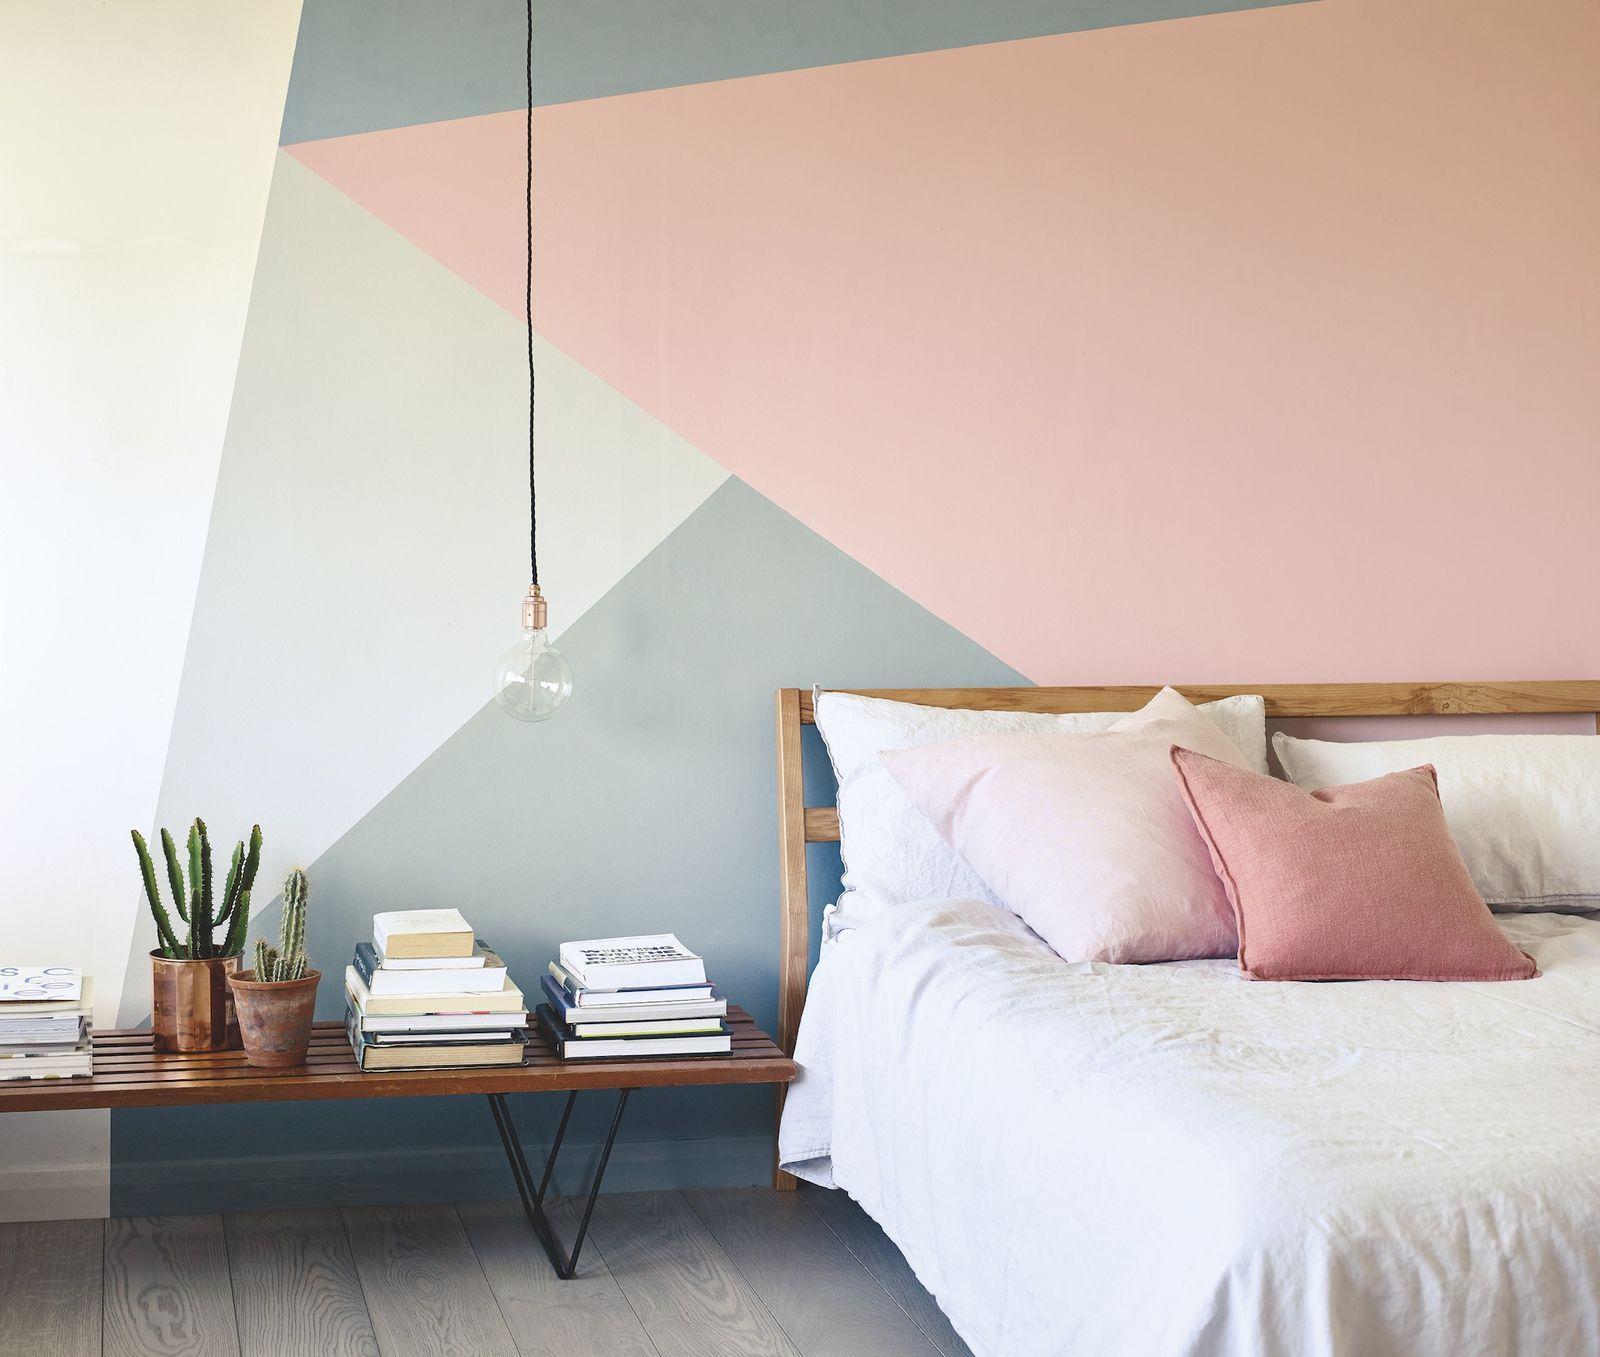 Pink And Gray Striped Wall Paredes Listradas Rosa Decoracao Quarto E Sala Pintura Das Paredes Dos Quartos